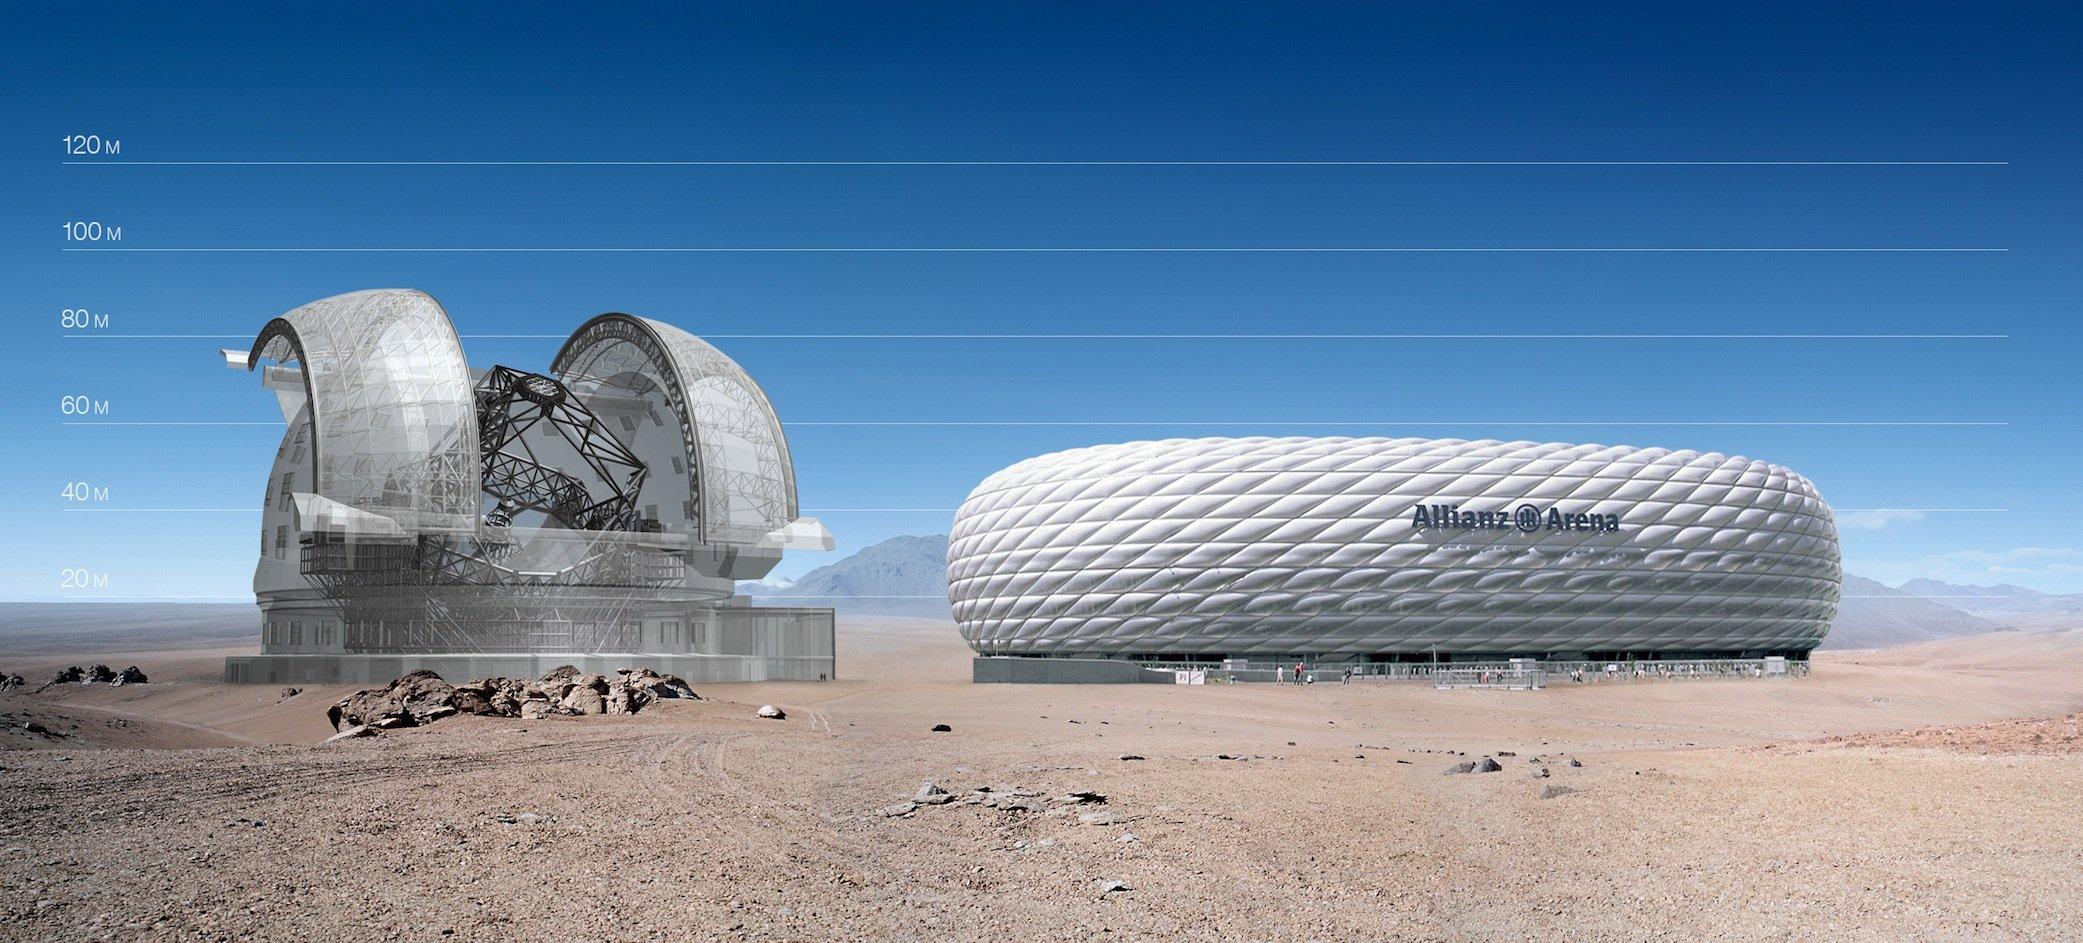 Das European Extremely Large Telescope, kurzE-ELT, das mehrere europäische Länder derzeit in Chile auf dem Cerro Armazones bauen,wird riesig sein. Hier ein Vergleich mit der Allianz-Arena in München, die rund 75.000 Zuschauern Platz bietet.